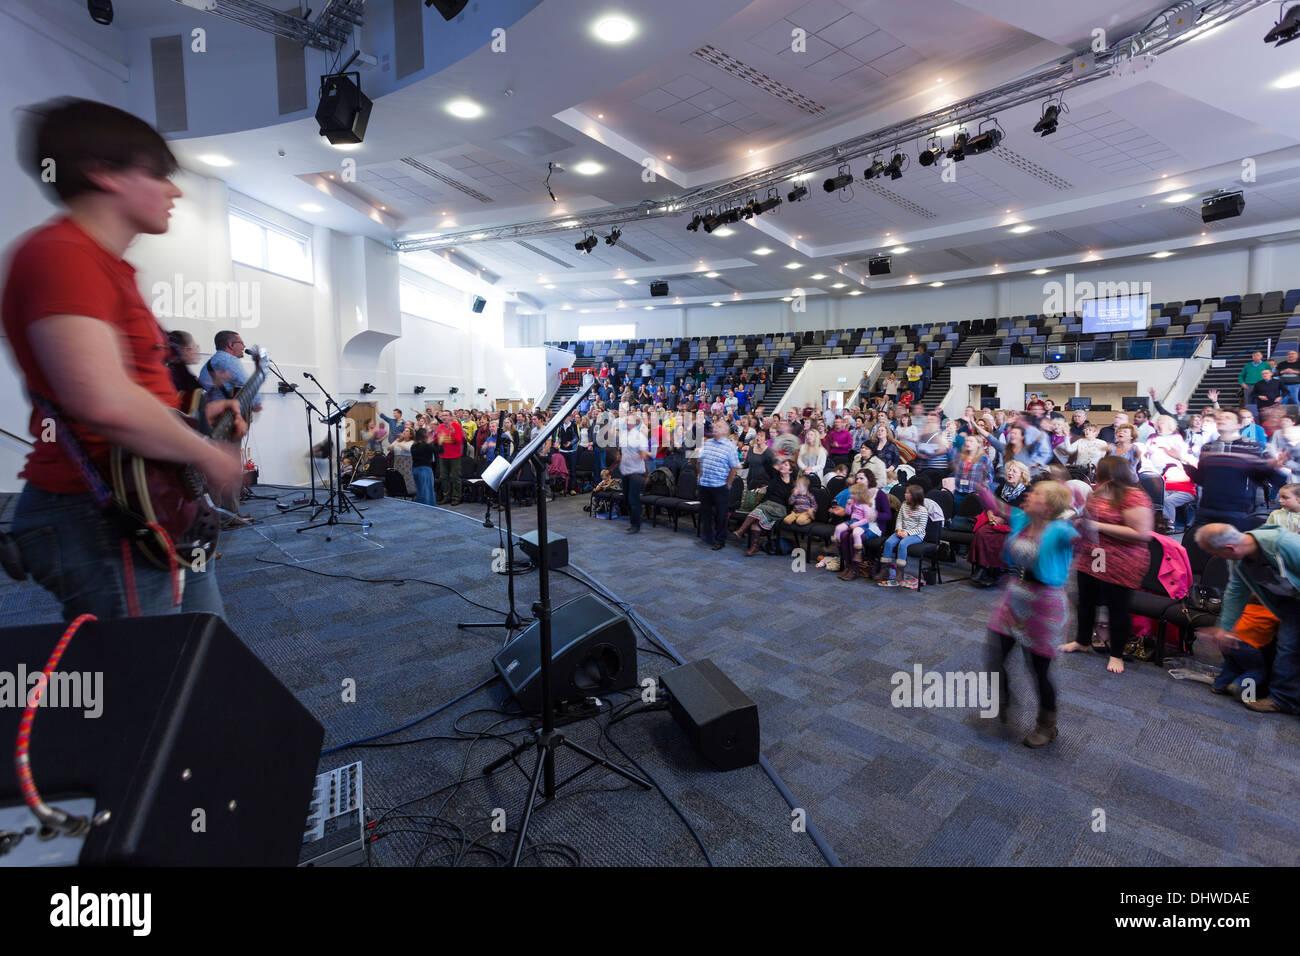 Congregazione che partecipano al culto contemporaneo la musica durante il servizio domenicale all'interno del grande Re moderna Chiesa della comunità. Immagini Stock